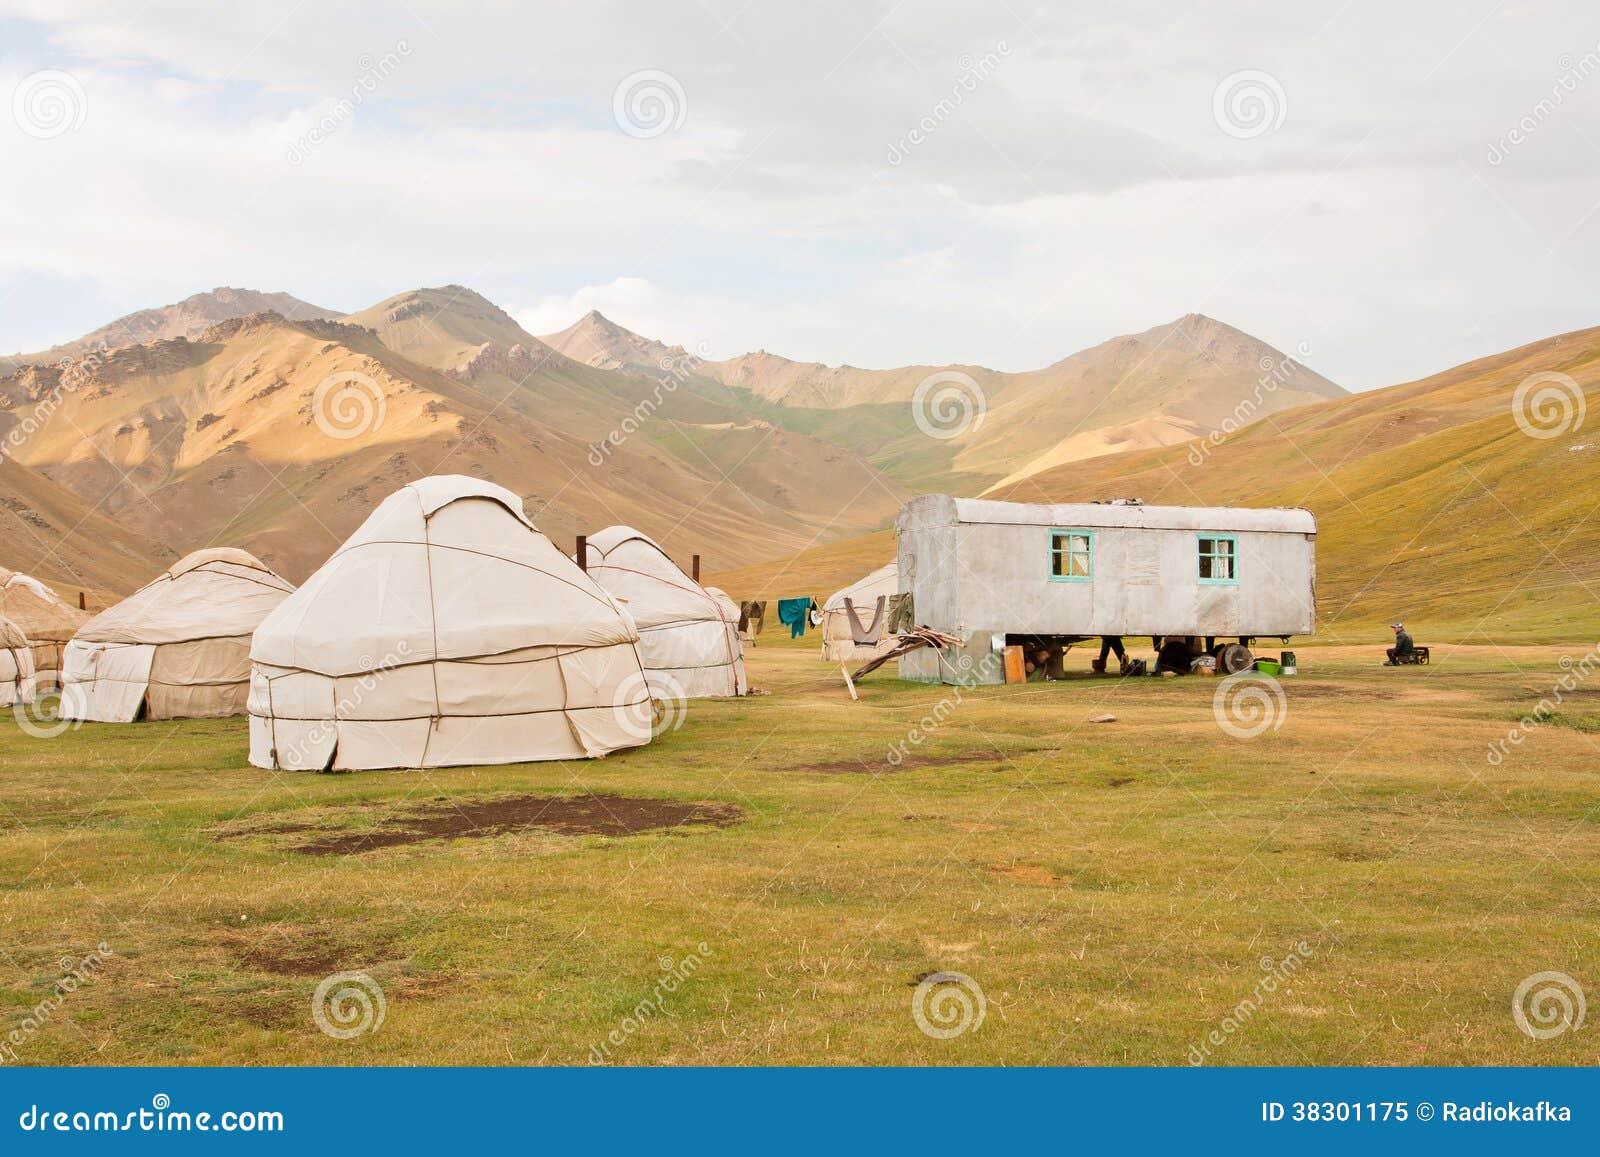 Yurt., tält, traditionell, nomader.